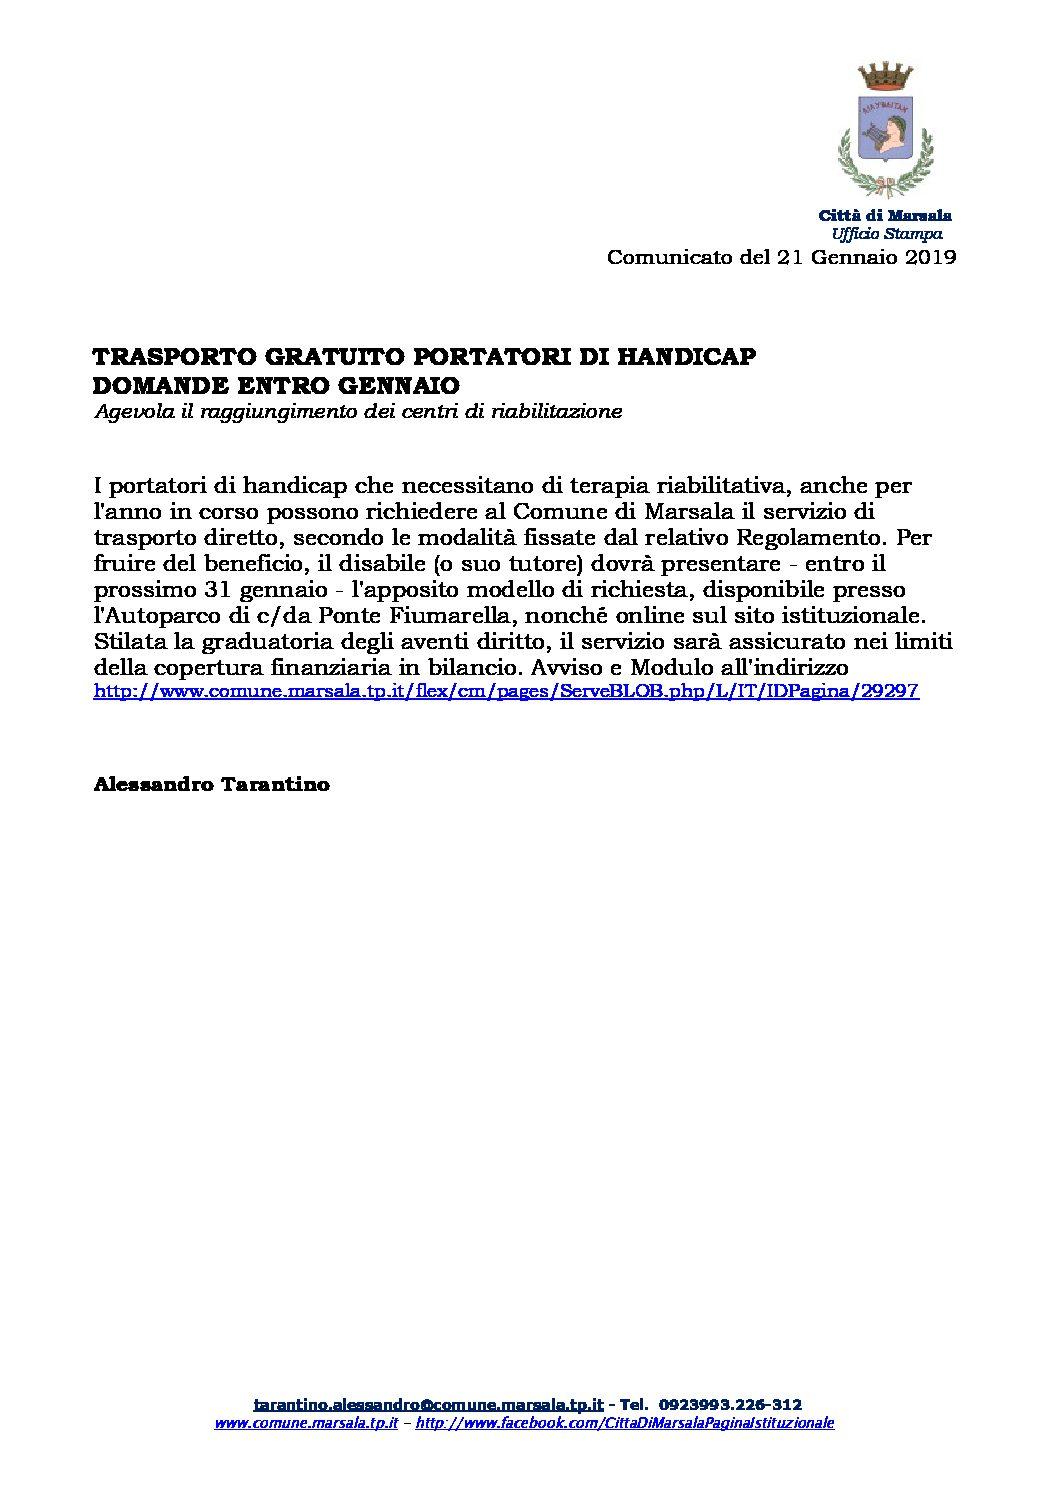 Marsala – trasporto gratuito portatori di handicap. Domande entro Gennaio